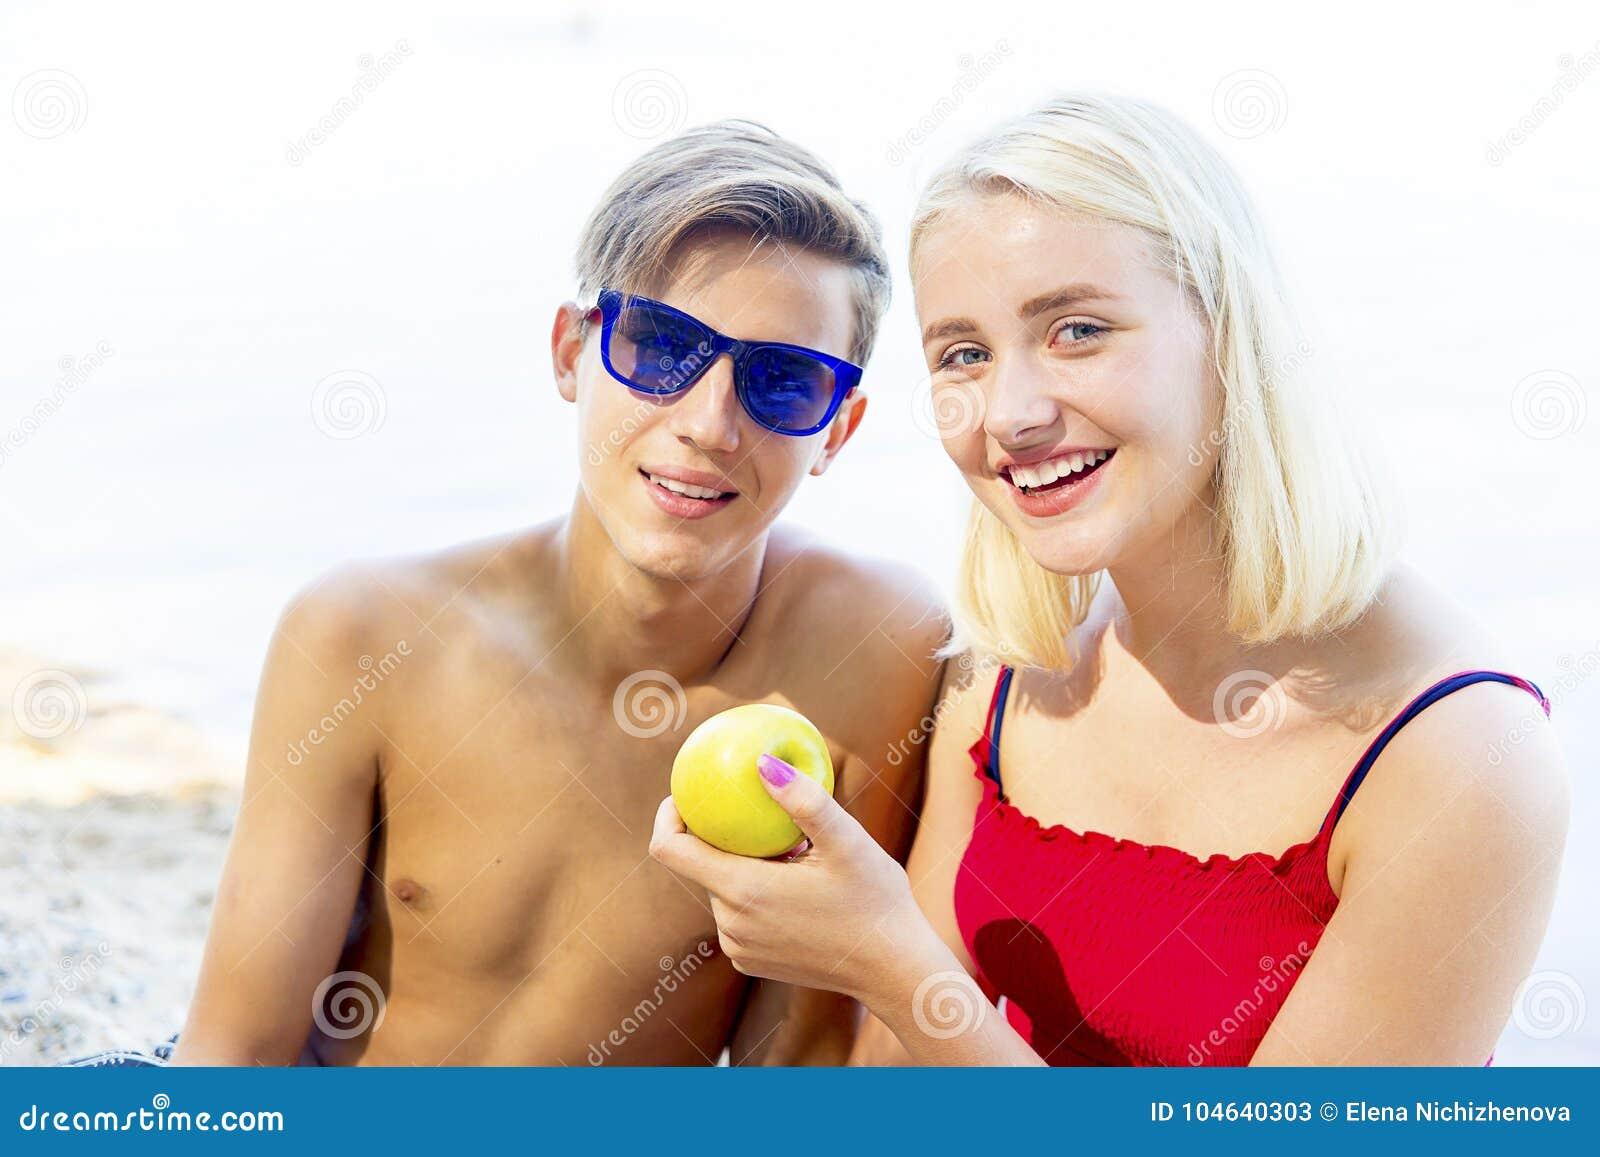 Download Paar op een strand stock afbeelding. Afbeelding bestaande uit mannetje - 104640303